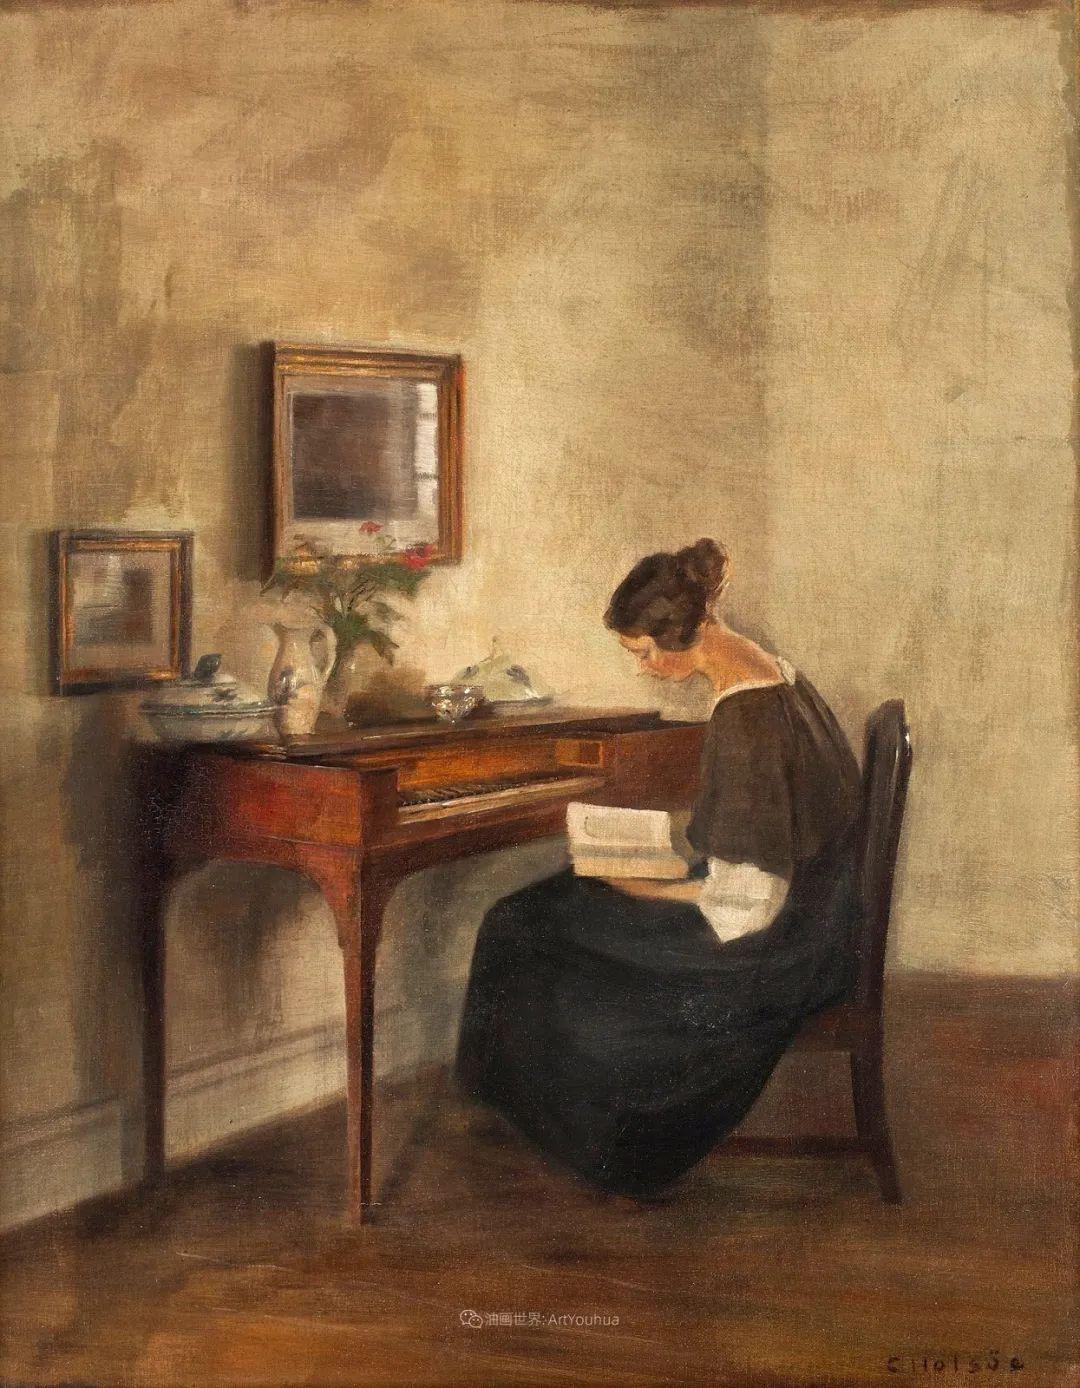 看书的女人最美丽,那一刻全世界都安静了!插图21